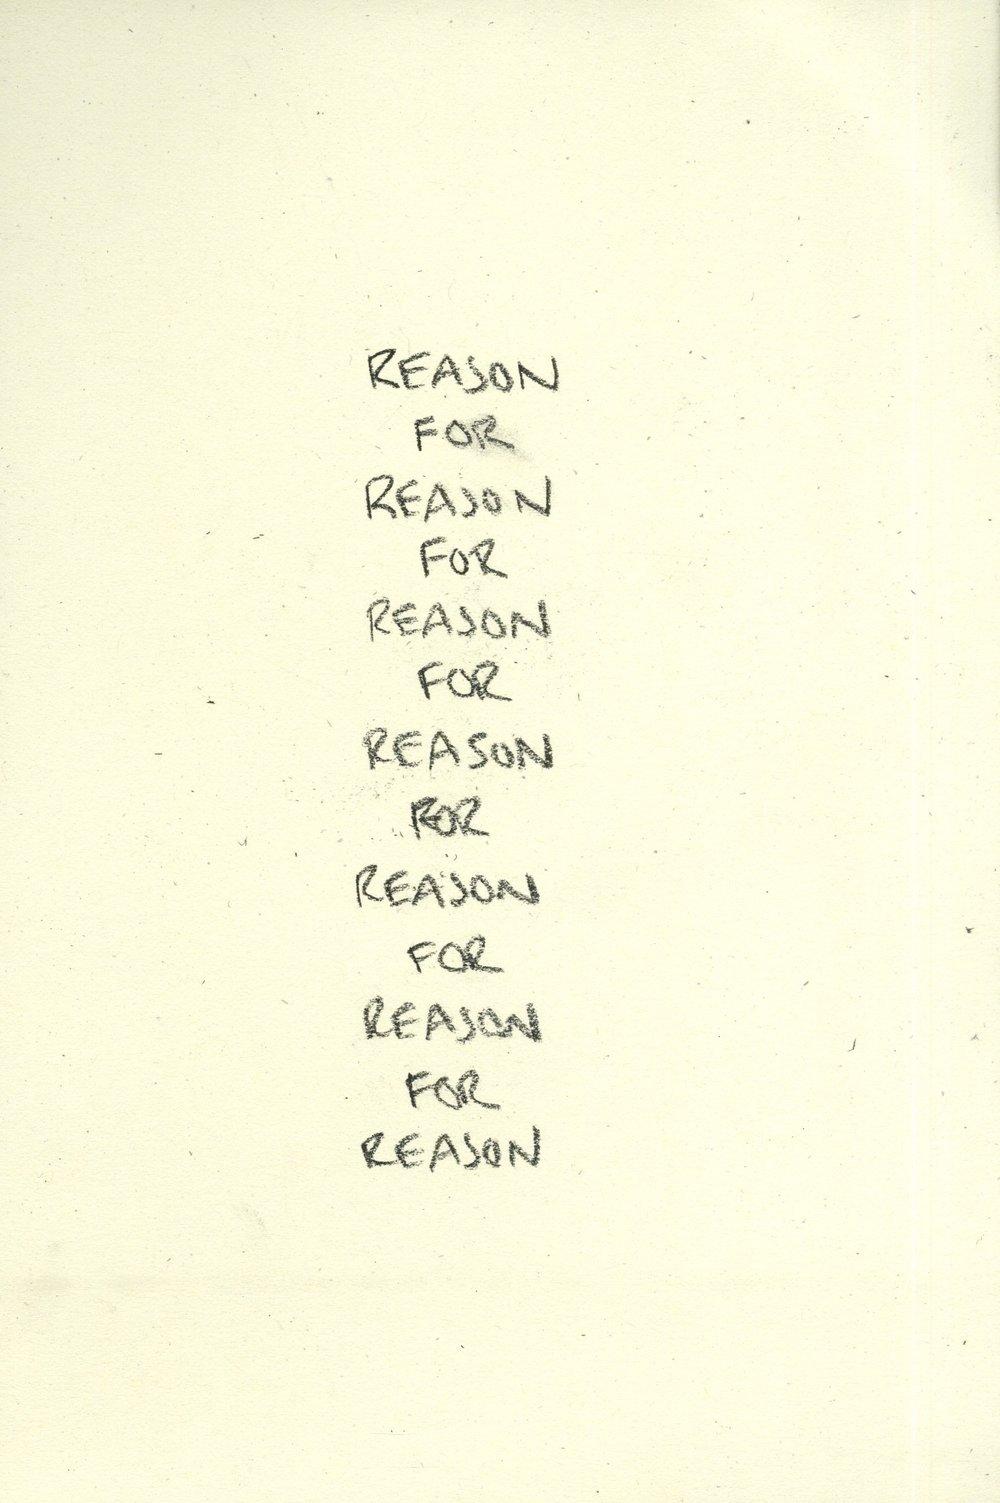 reasonfor011.jpg